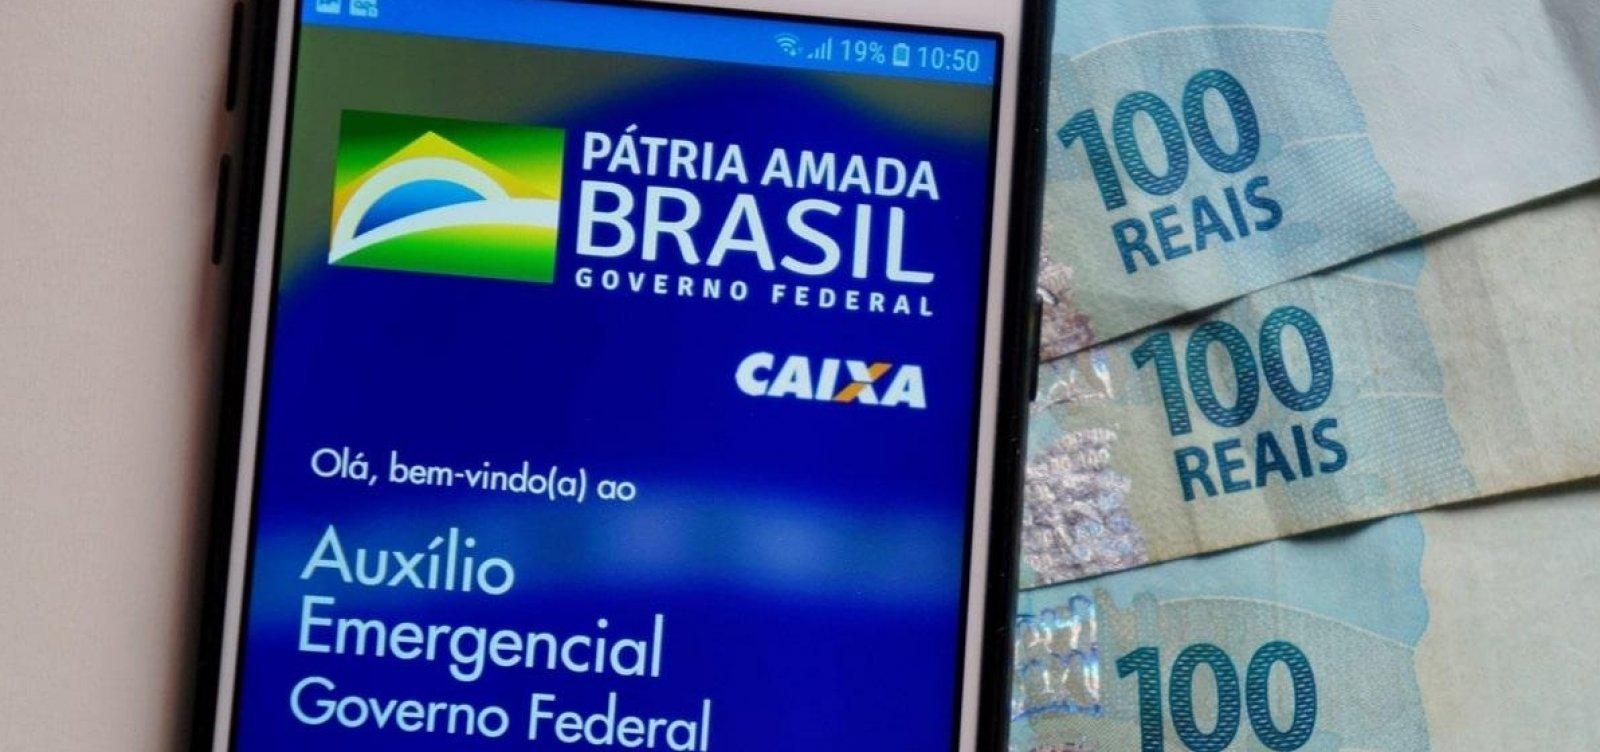 [Auxílio emergencial: Governo estuda 'imposto temporário' para bancar nova rodada do benefício]